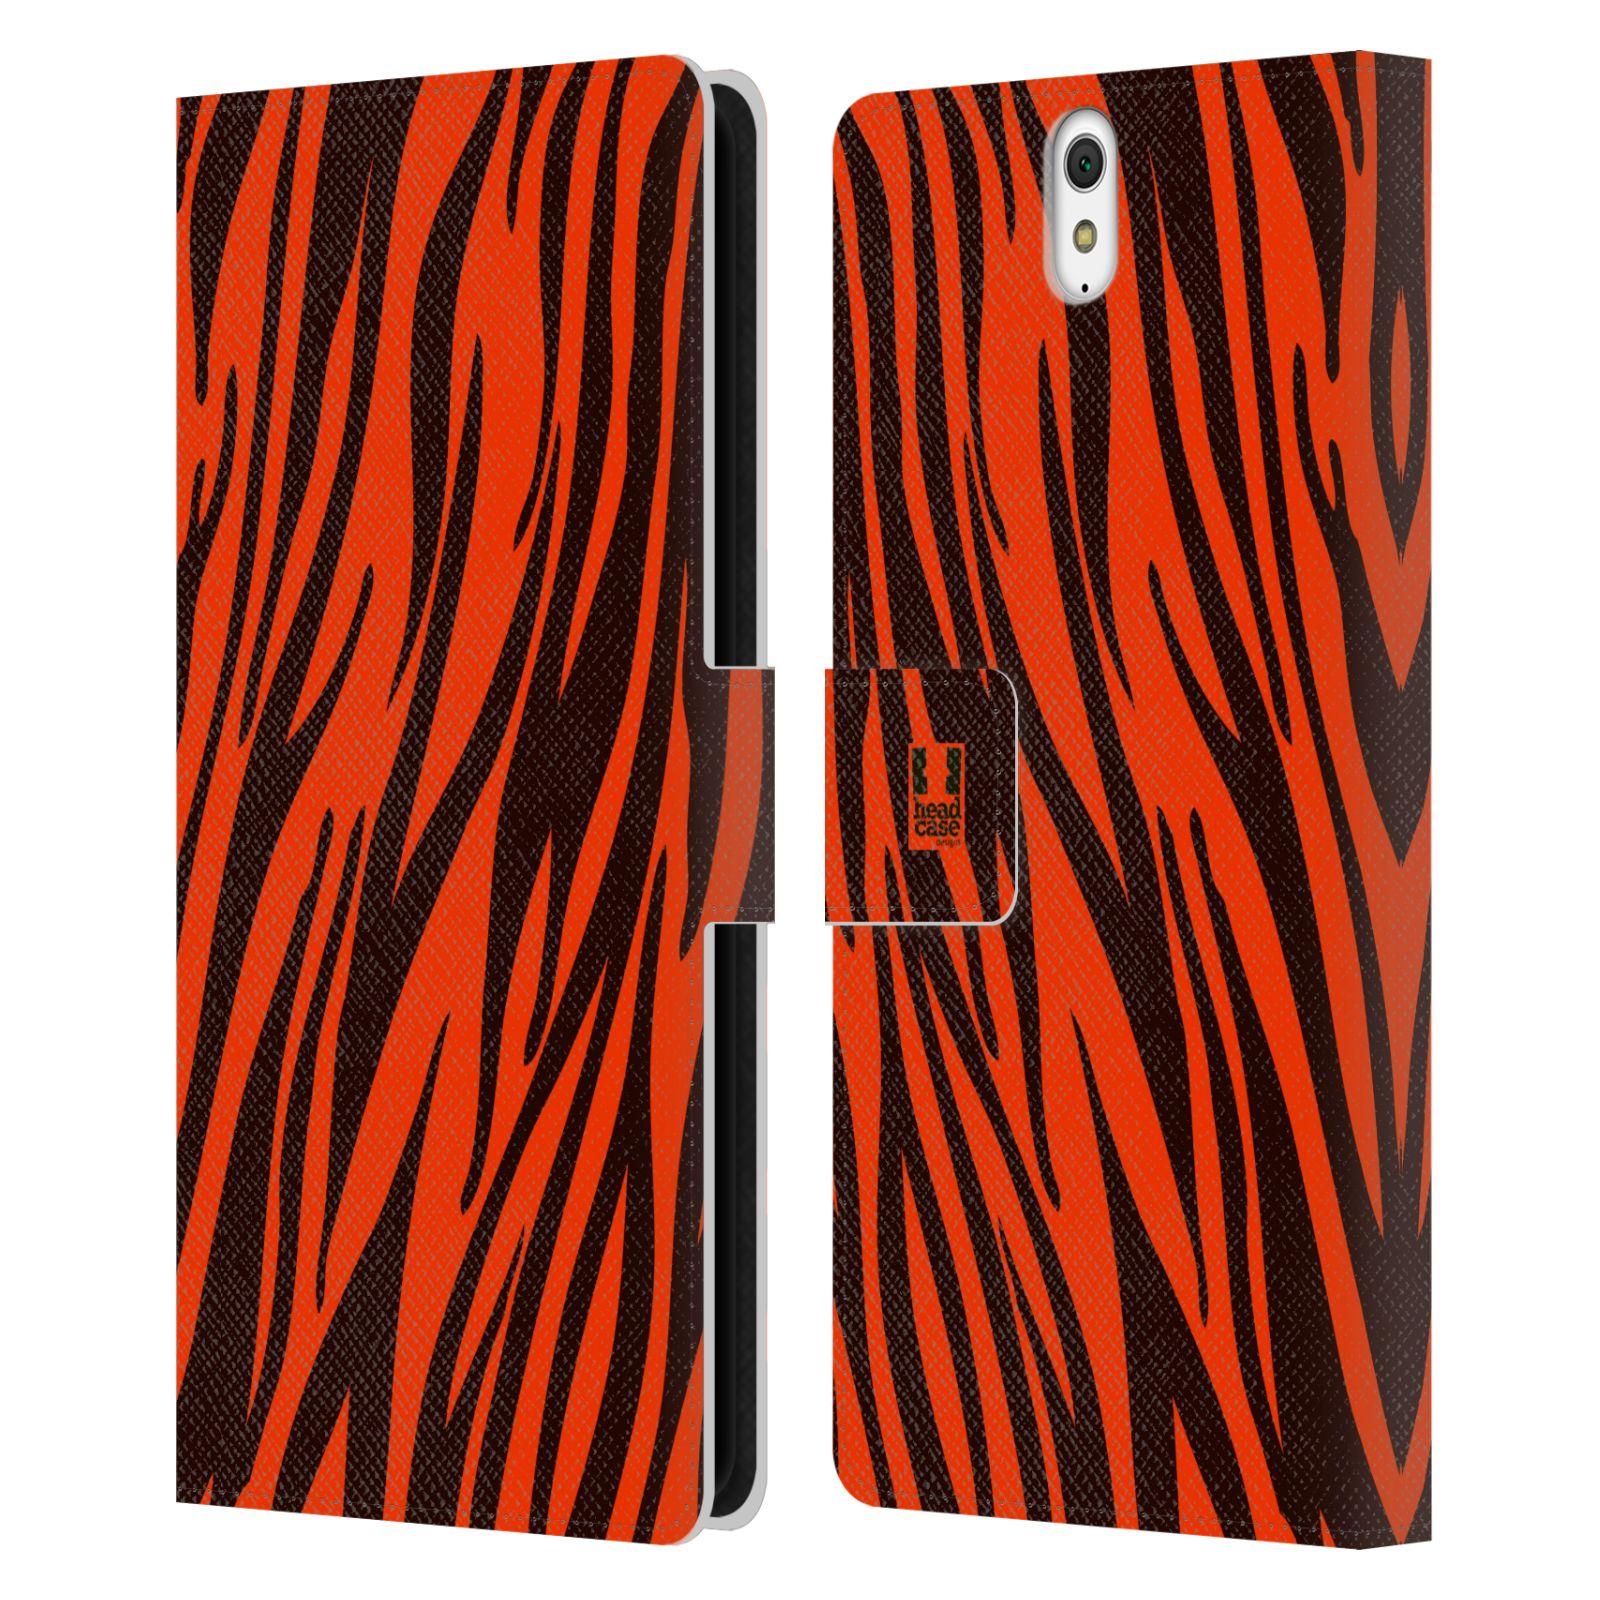 HEAD CASE Flipové pouzdro pro mobil SONY XPERIA C5 Ultra Zvířecí barevné vzory oranžový tygr